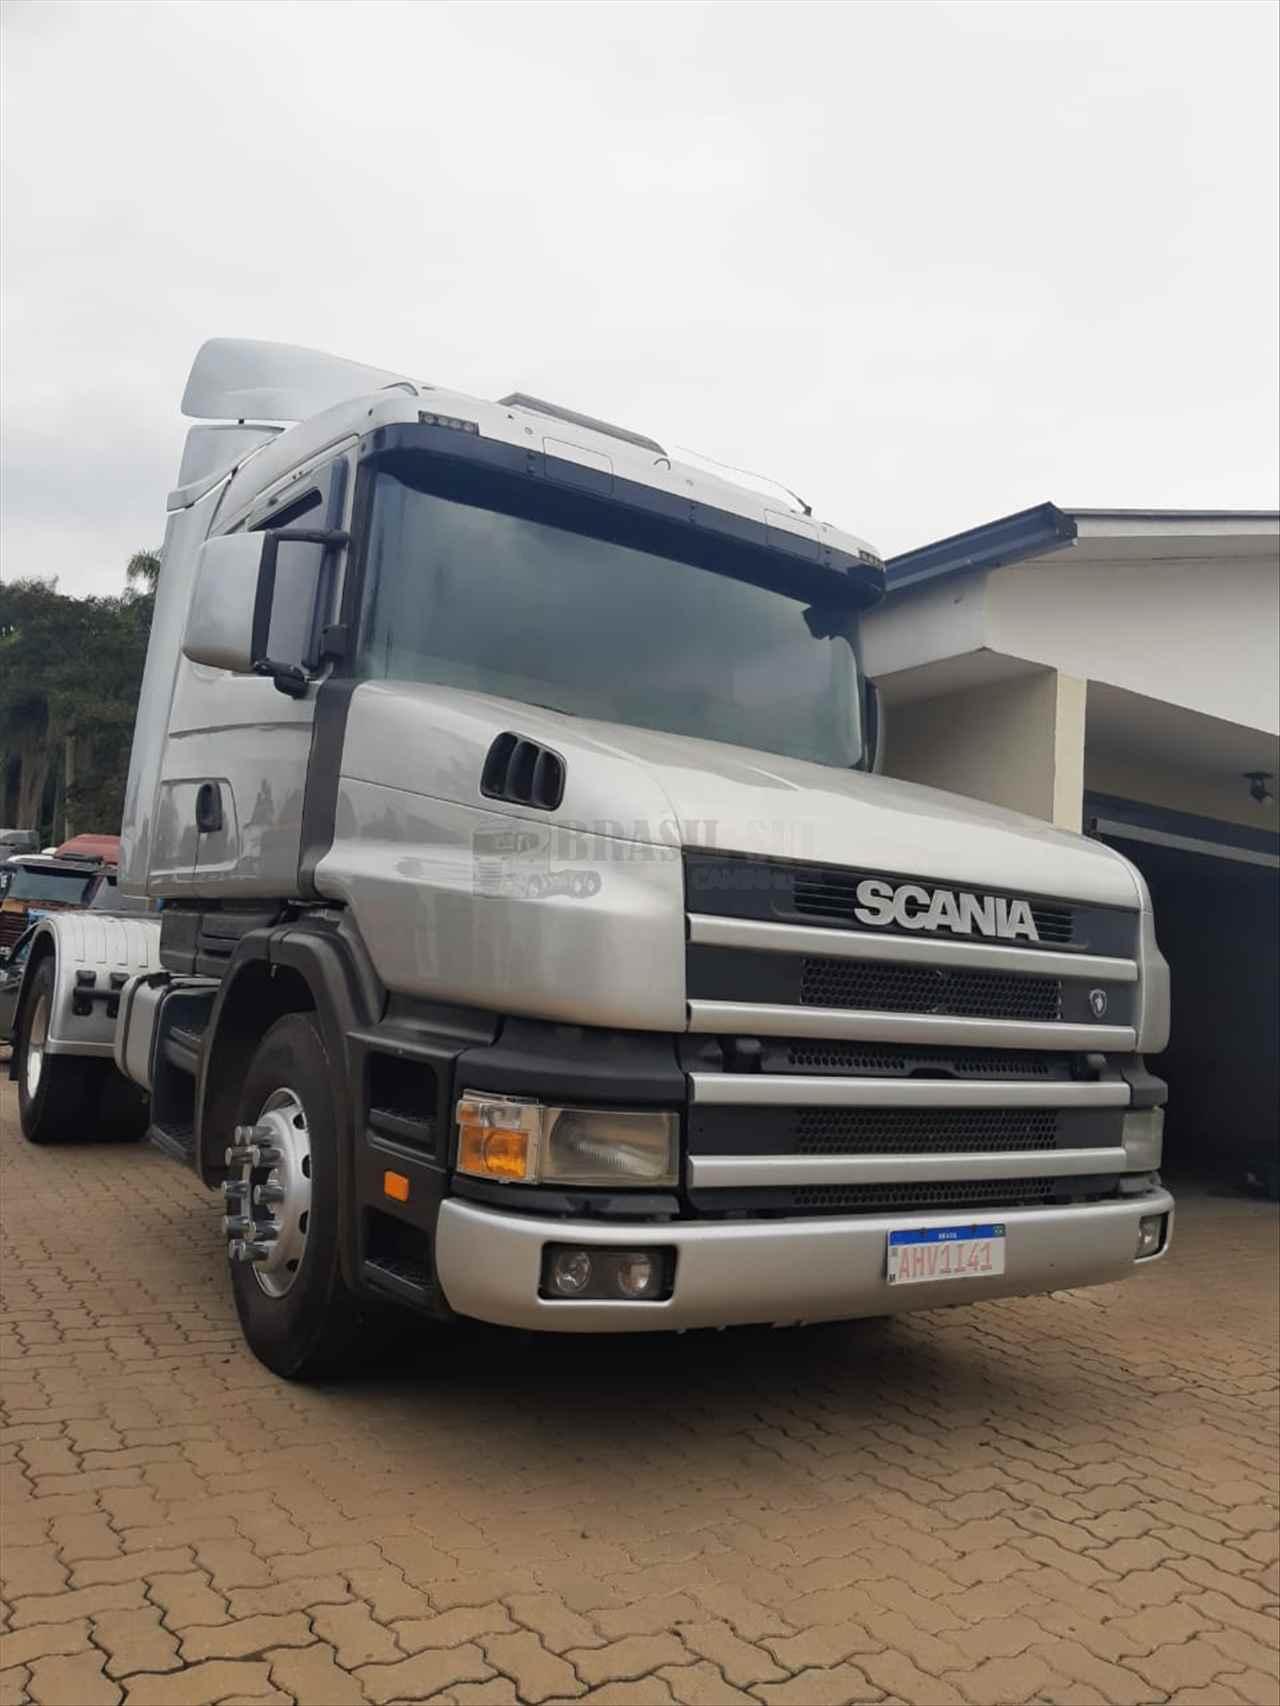 CAMINHAO SCANIA SCANIA 114 360 Cavalo Mecânico Toco 4x2 Brasil Sul Caminhões PORTAO RIO GRANDE DO SUL RS